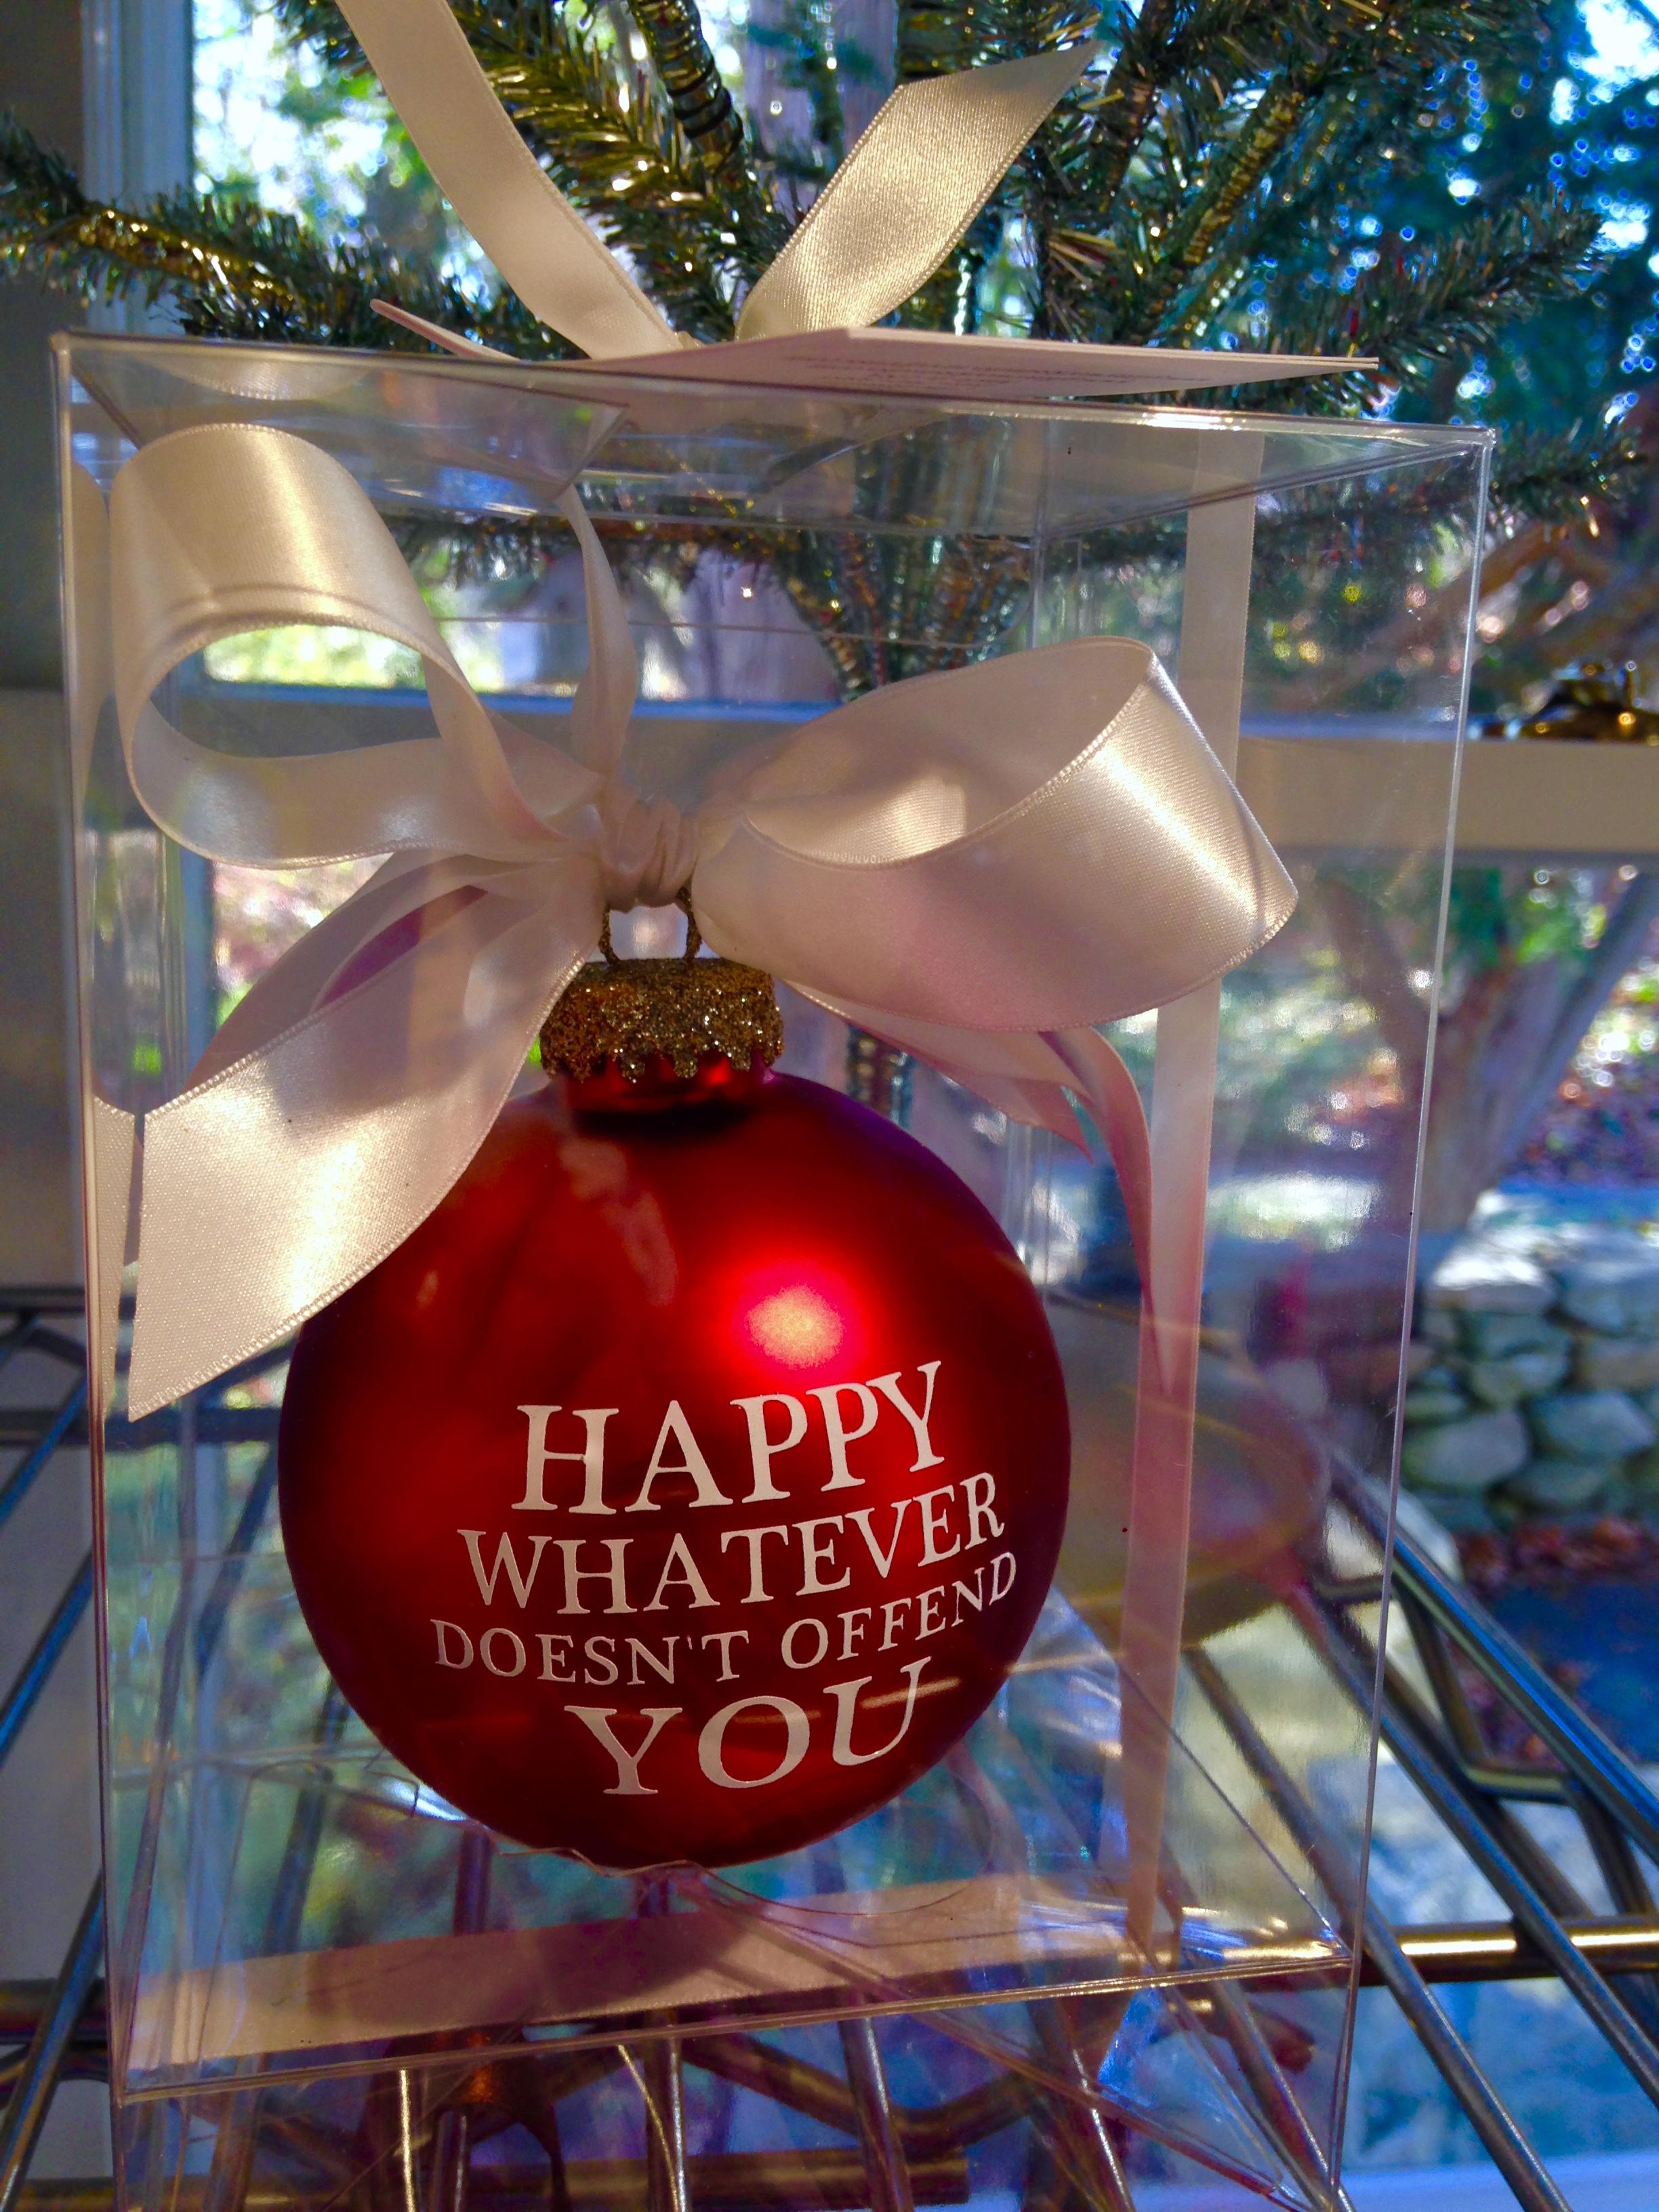 Happy Whatever...